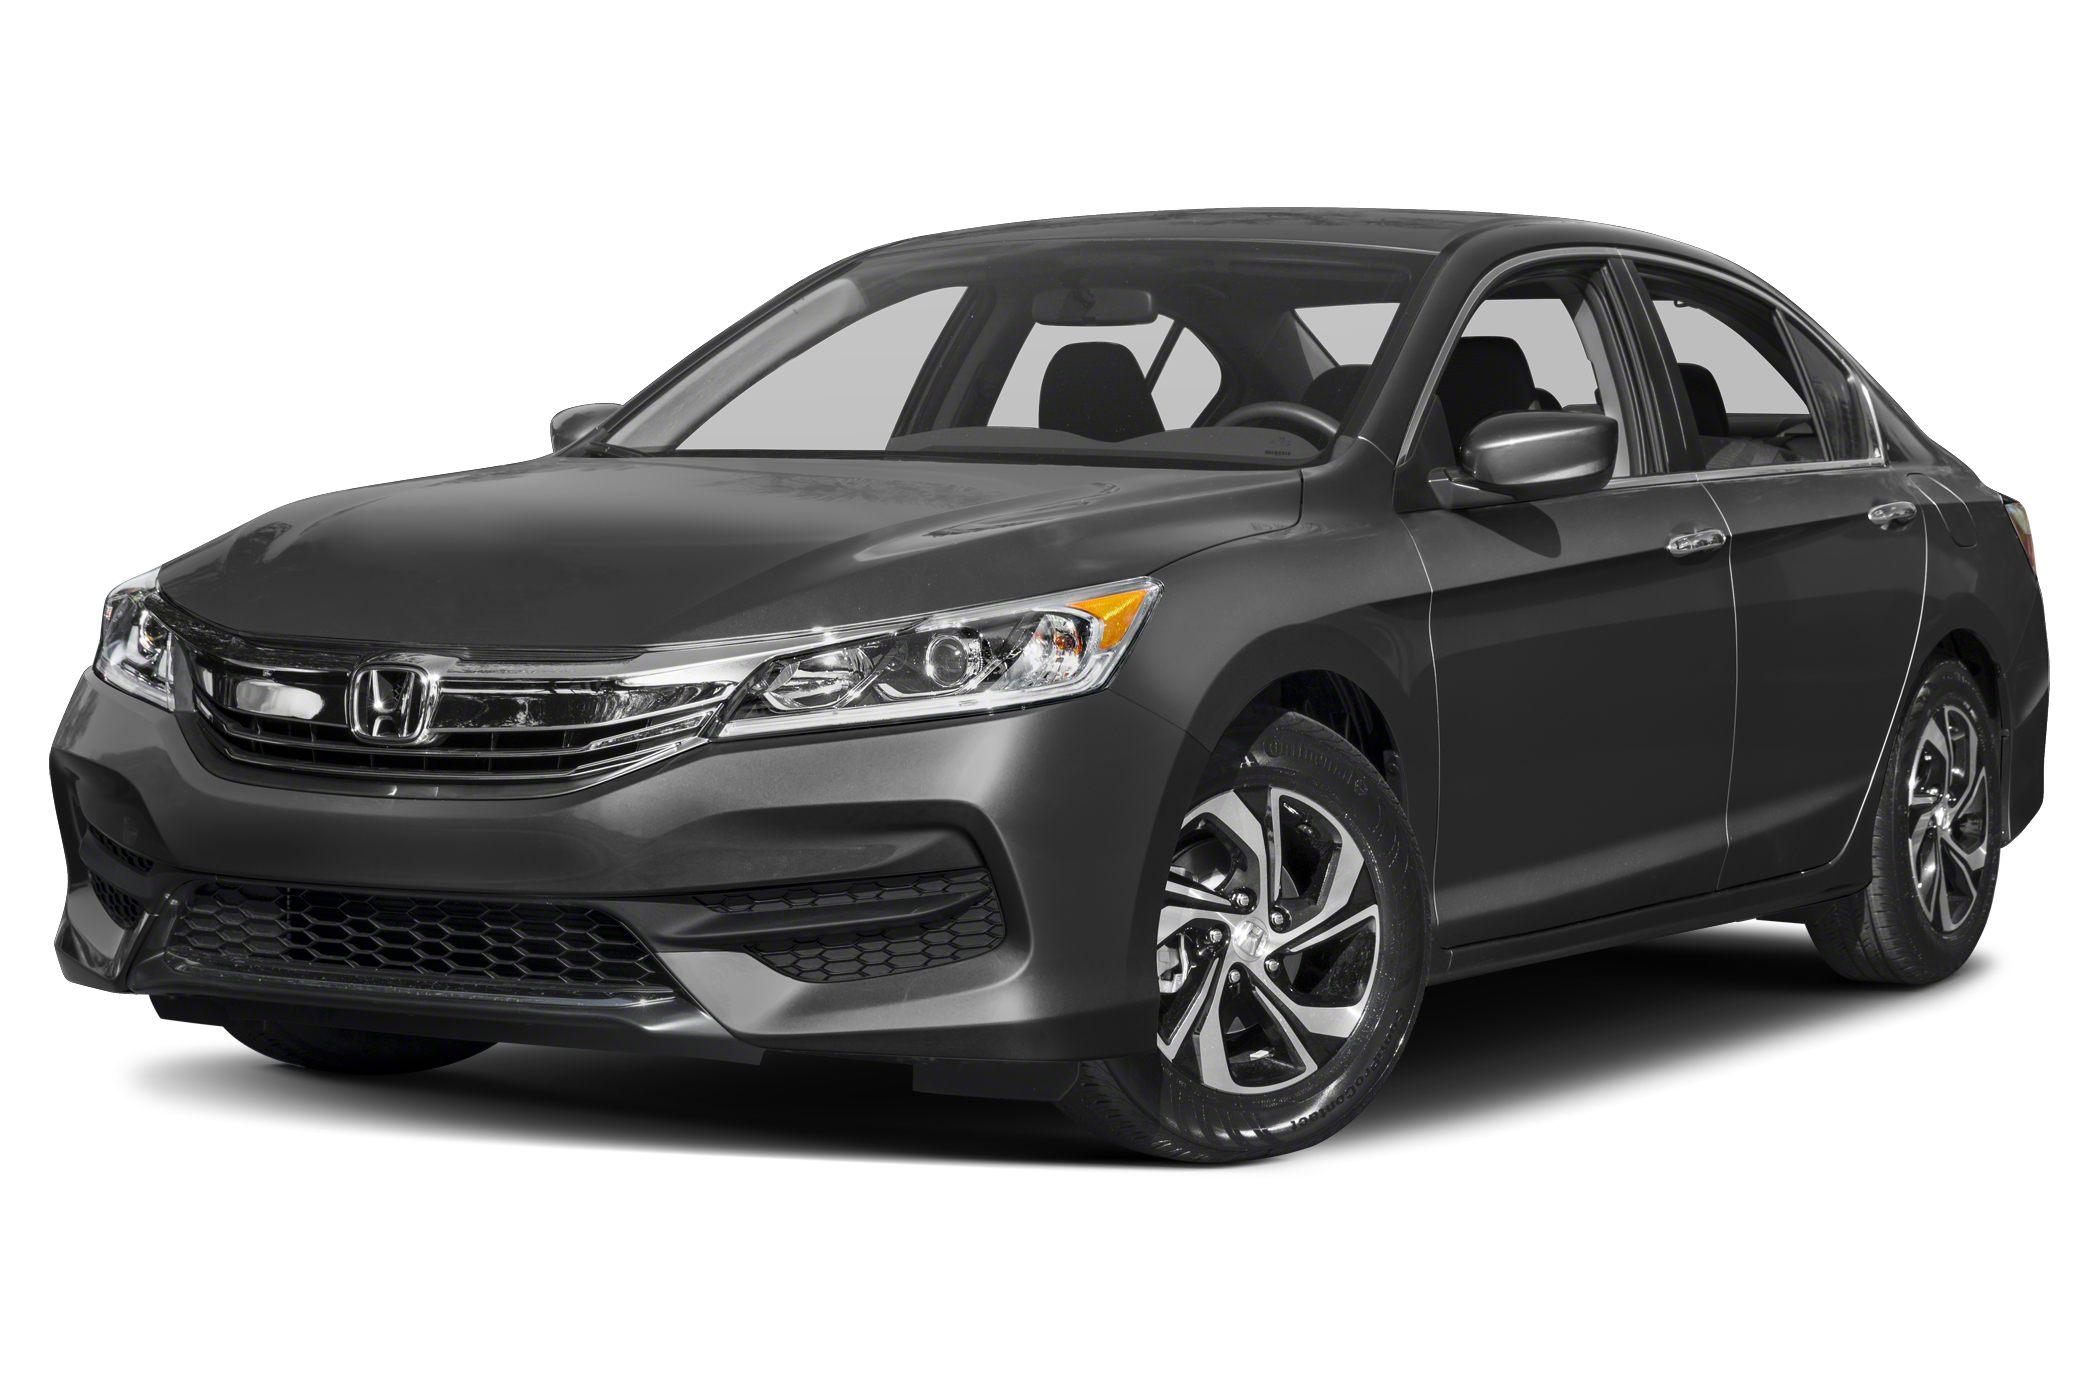 Những mẫu ô tô được dự báo giảm giá trong năm 2018 - 6